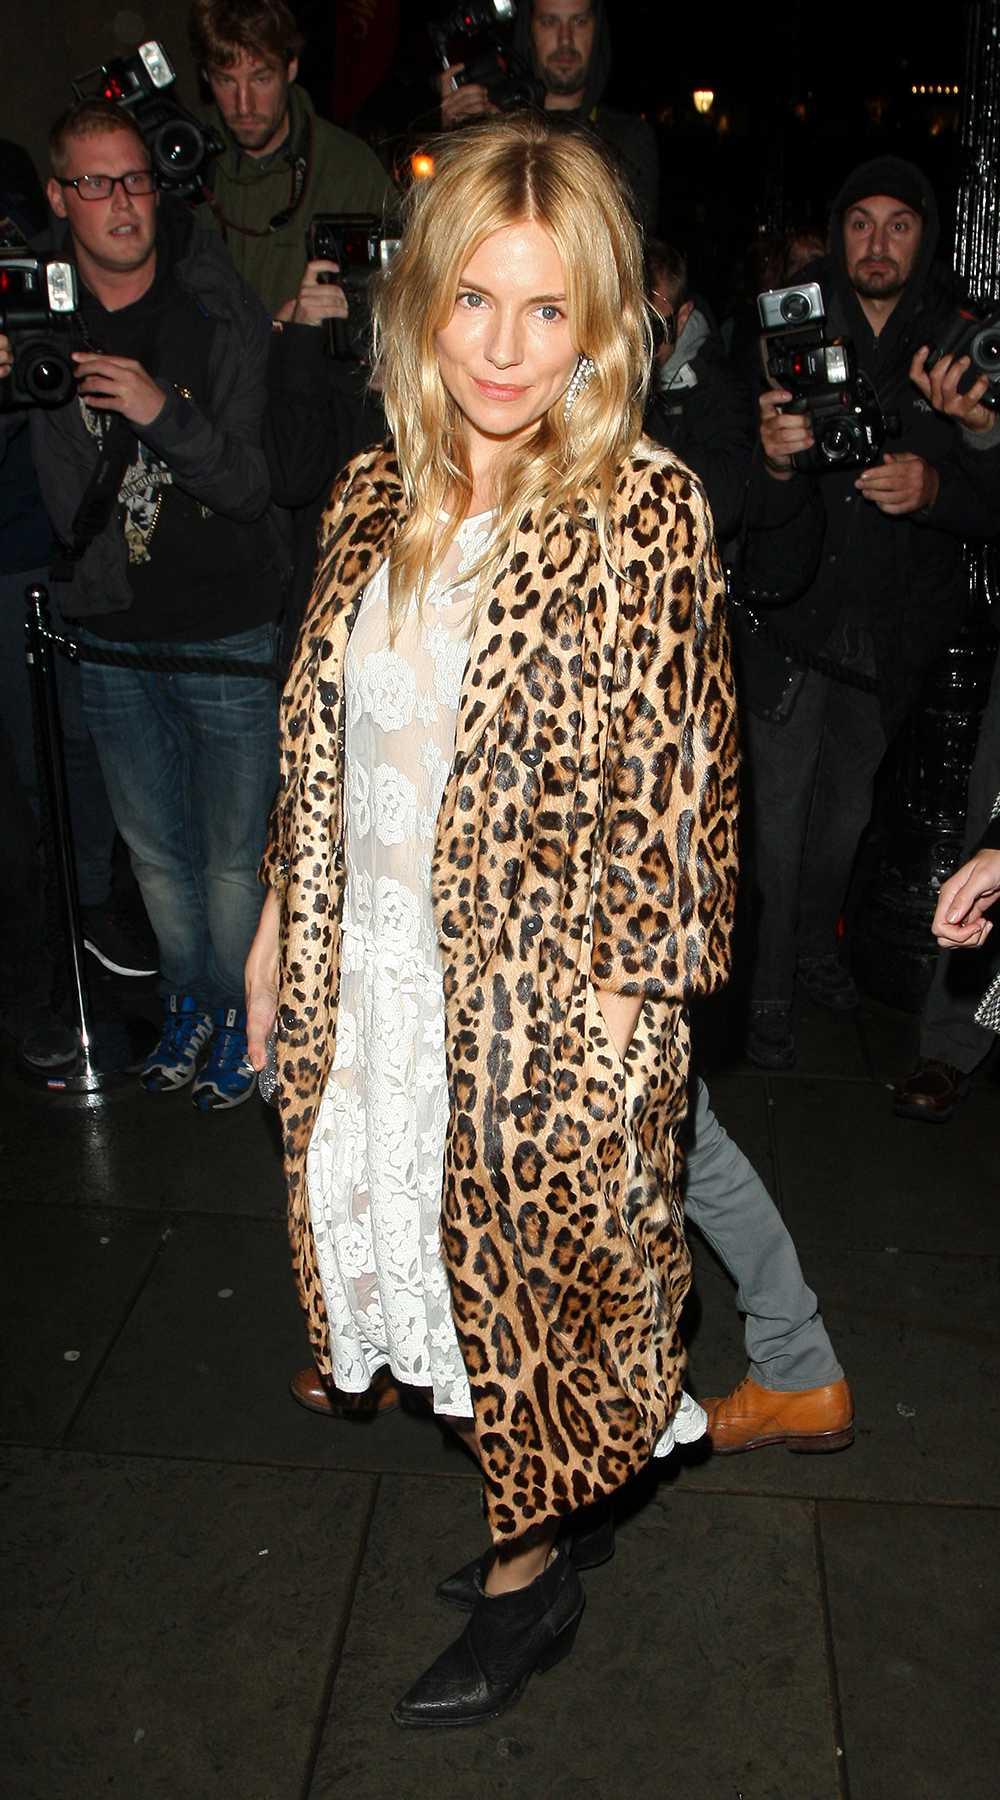 Sienna Miller Brittiska skådisen Sienna Miller gästade Vogues fashion week-middag i London och var snygg i djurprint, vit spets och svarta boots.